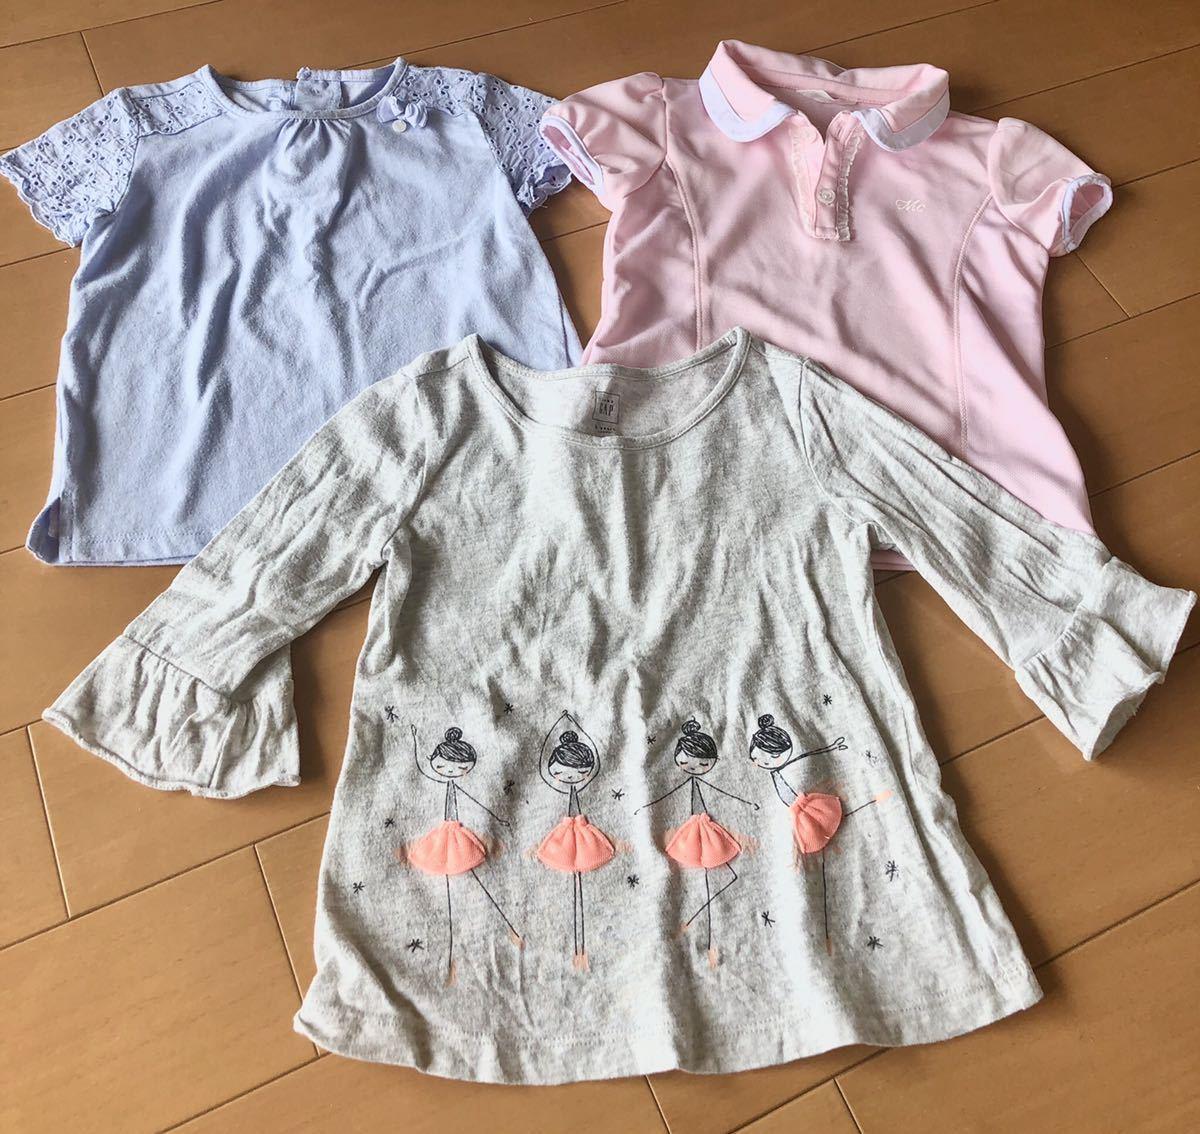 夏服まとめ売り、サイズ105_画像2